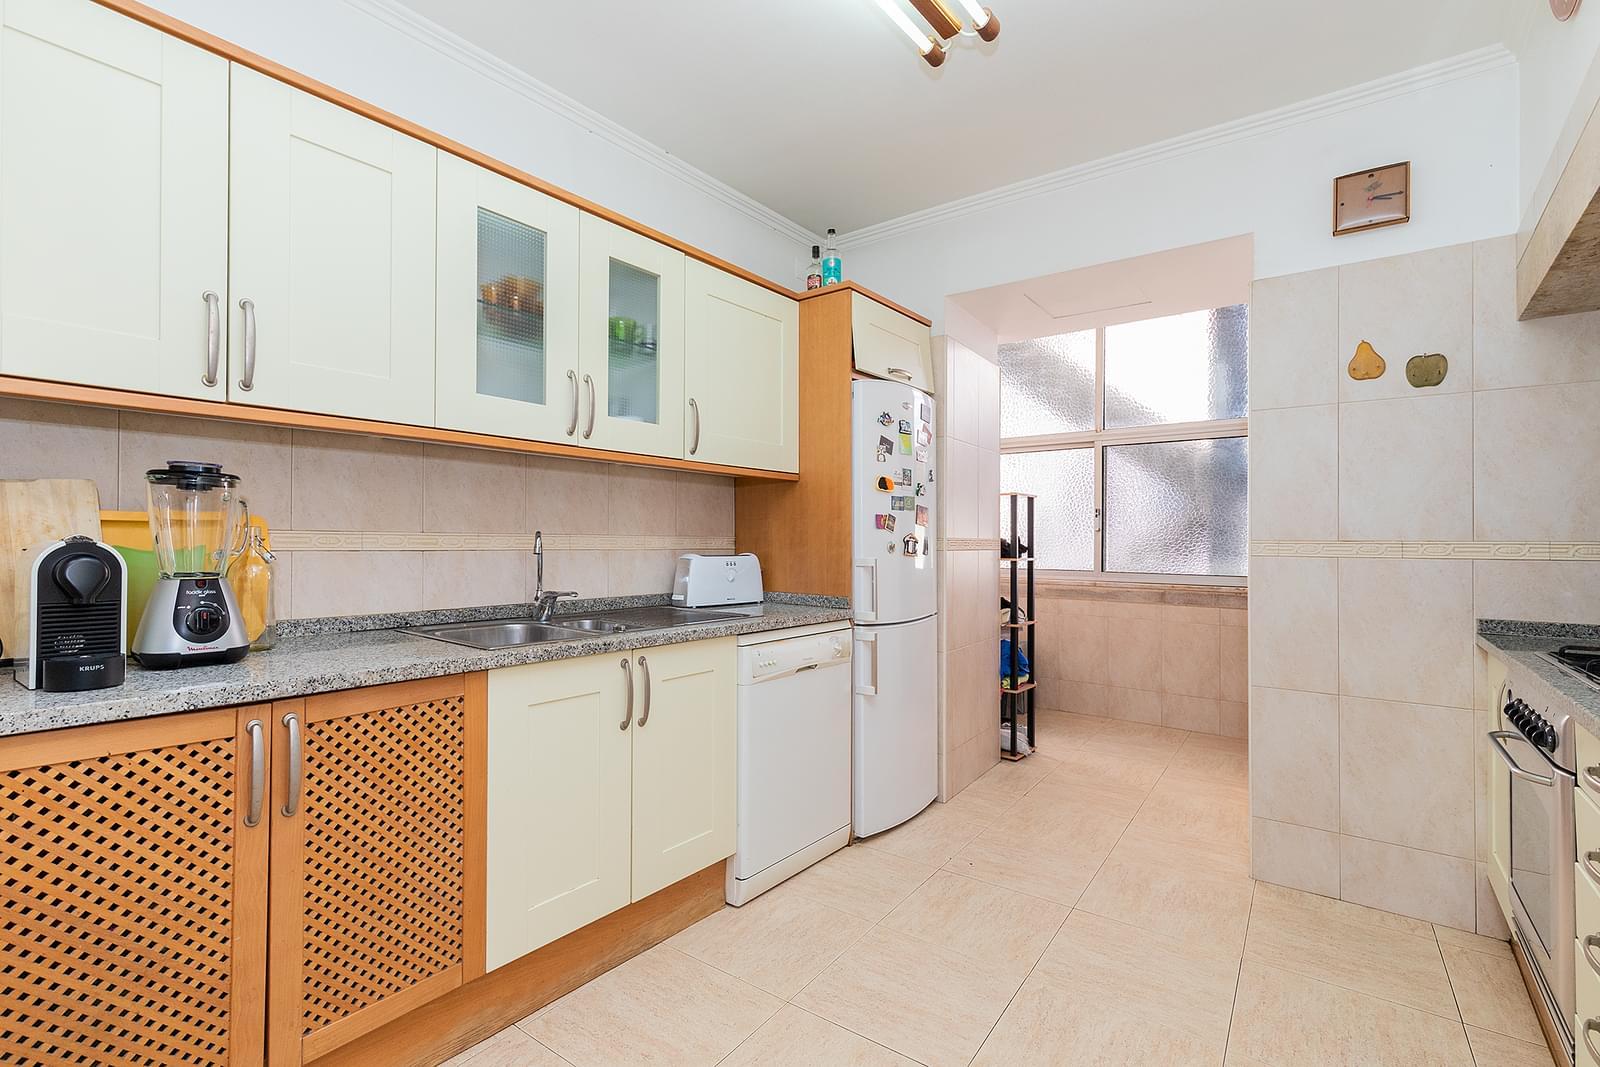 pf17978-apartamento-t3-lisboa-526b130f-0137-49f3-be93-192af2b9de55